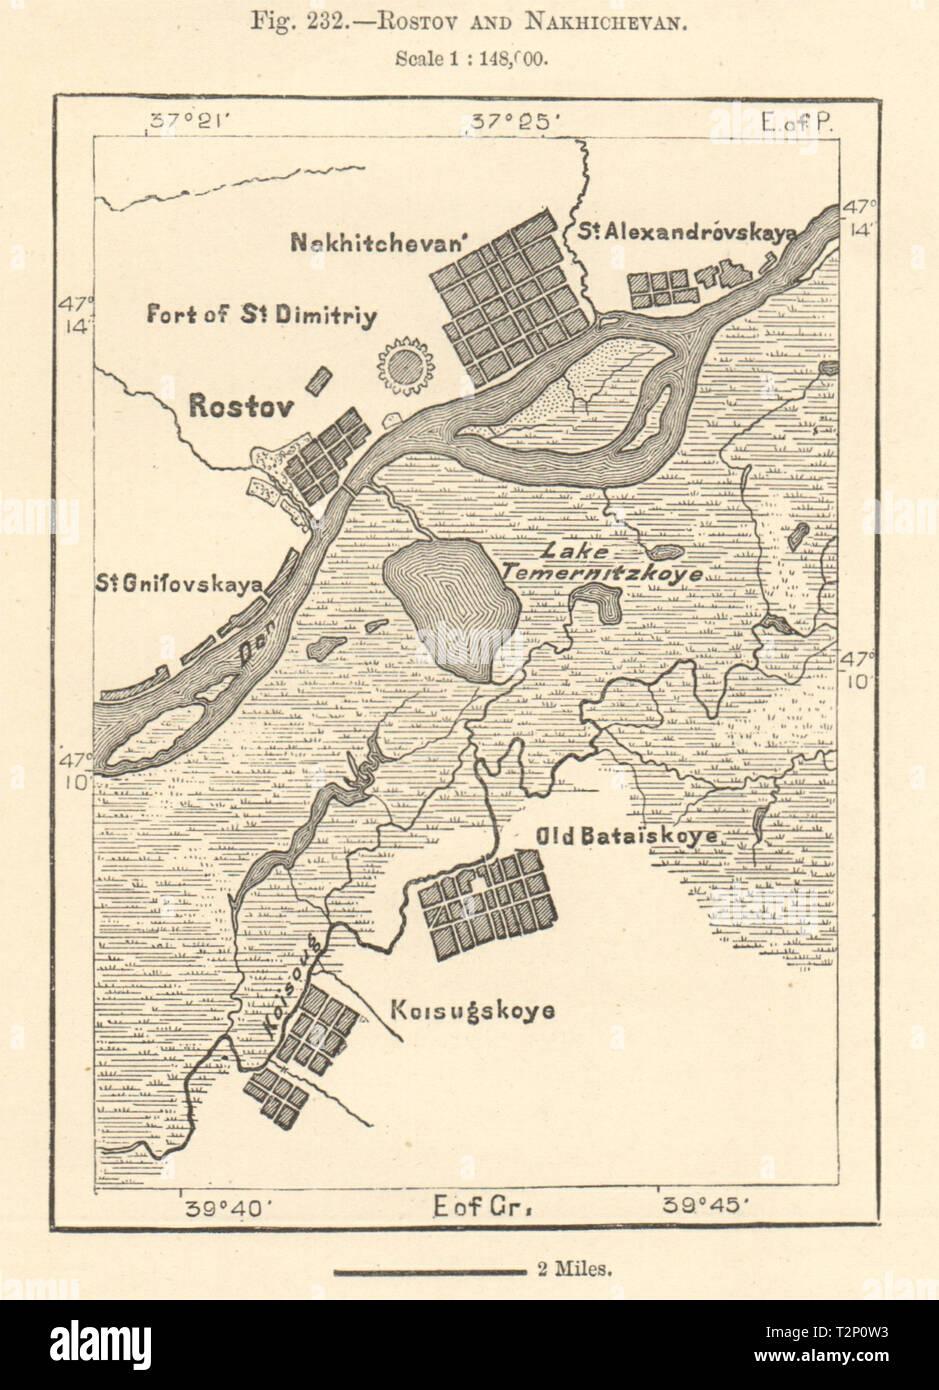 Rostov-on-Don and Nakhichevan. Bataysk. Russia. Sketch map ...